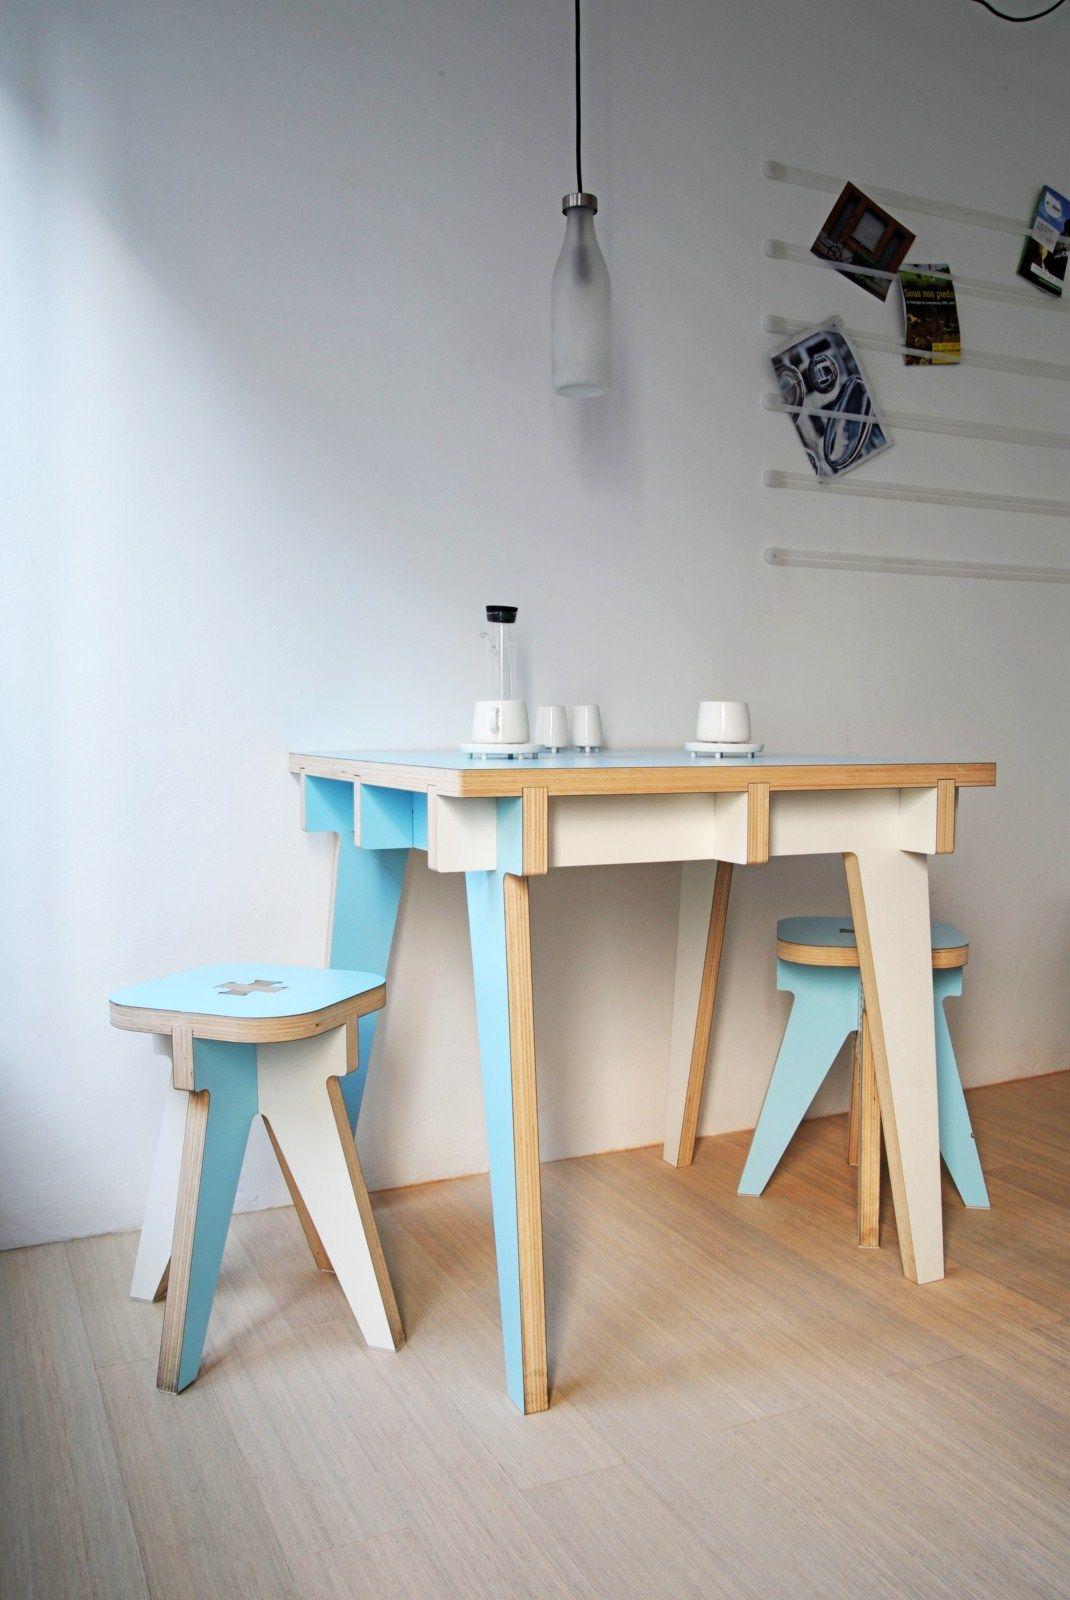 News Furniture design modern, Cnc furniture